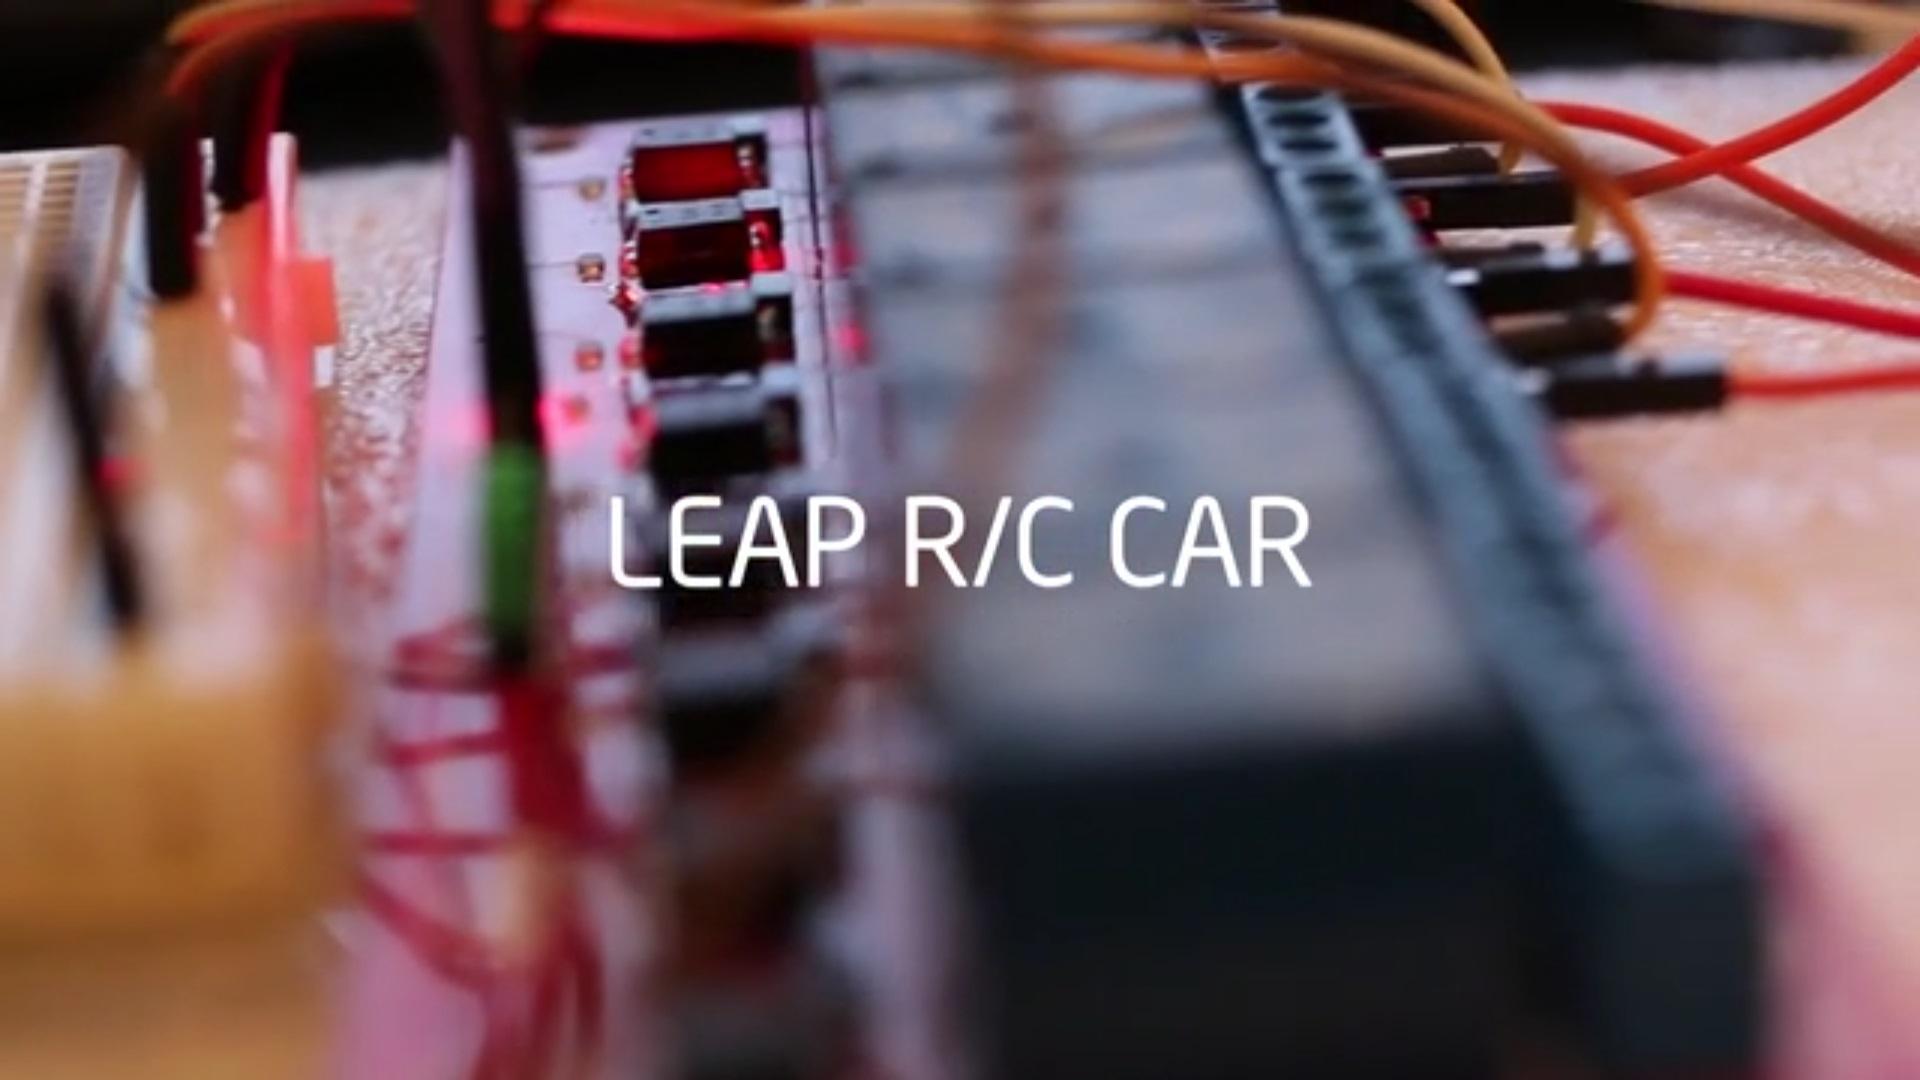 leap r/c car